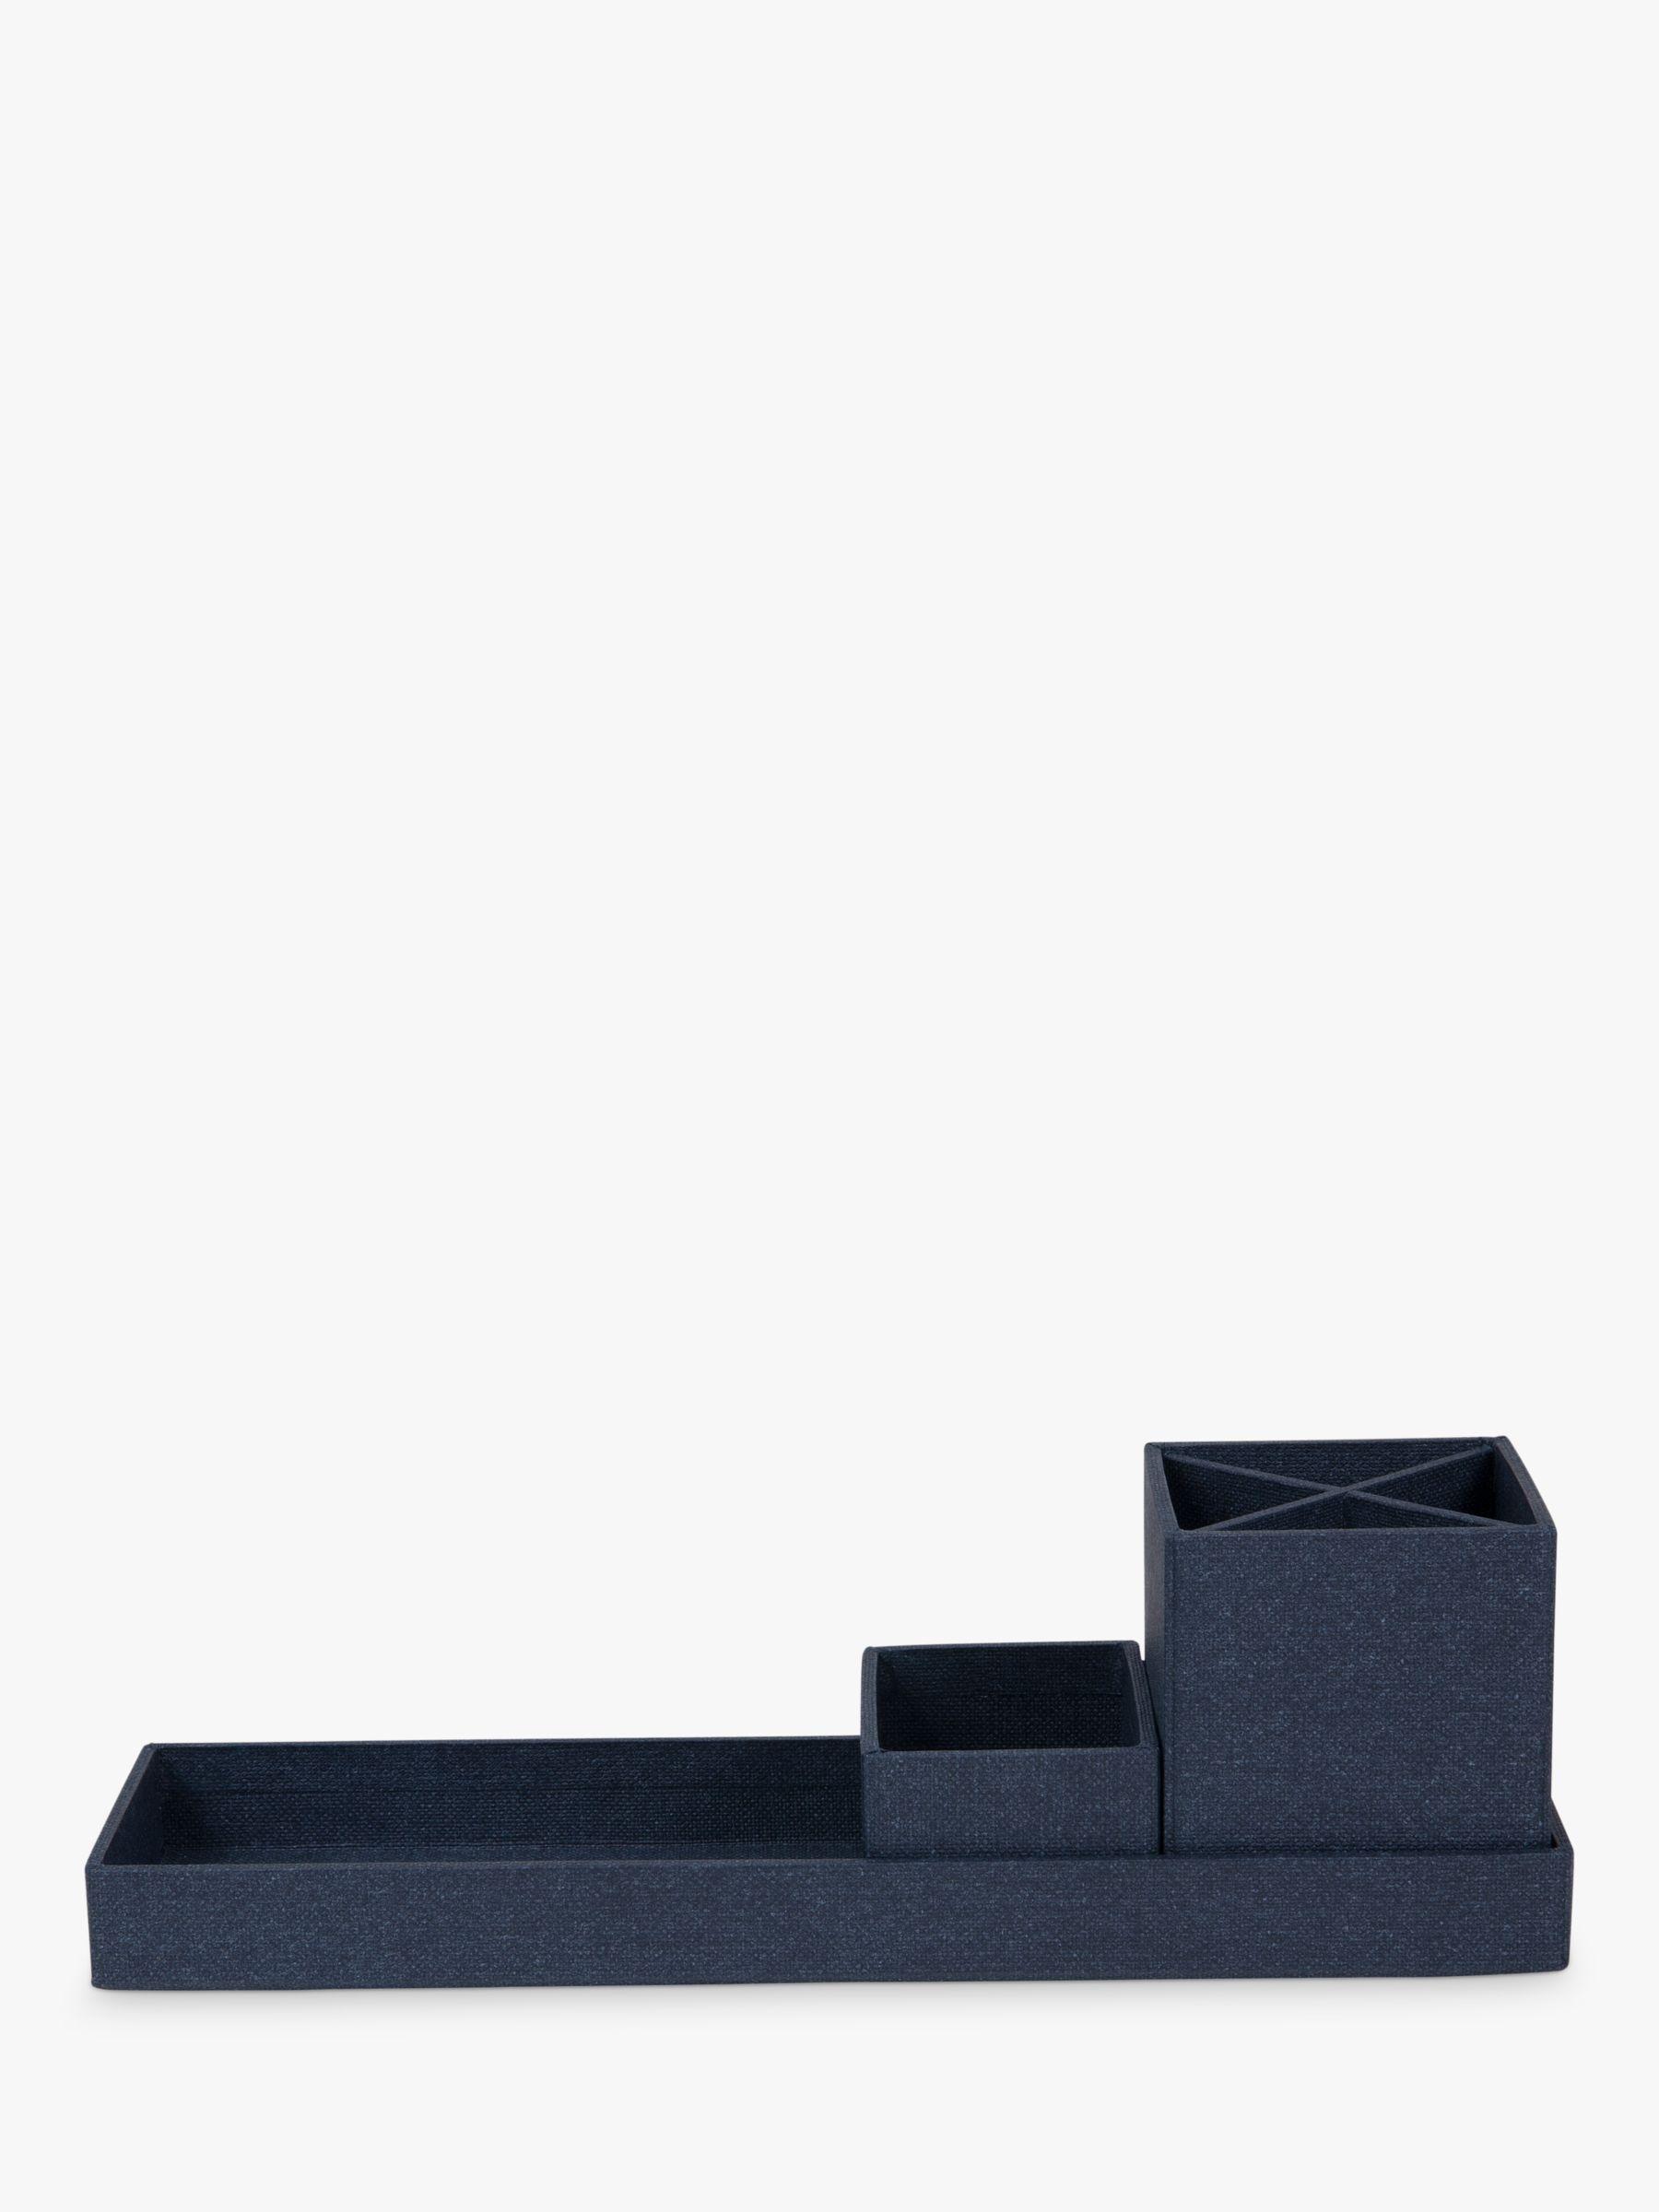 Bigso Box Of Sweden Charles Desk Organiser